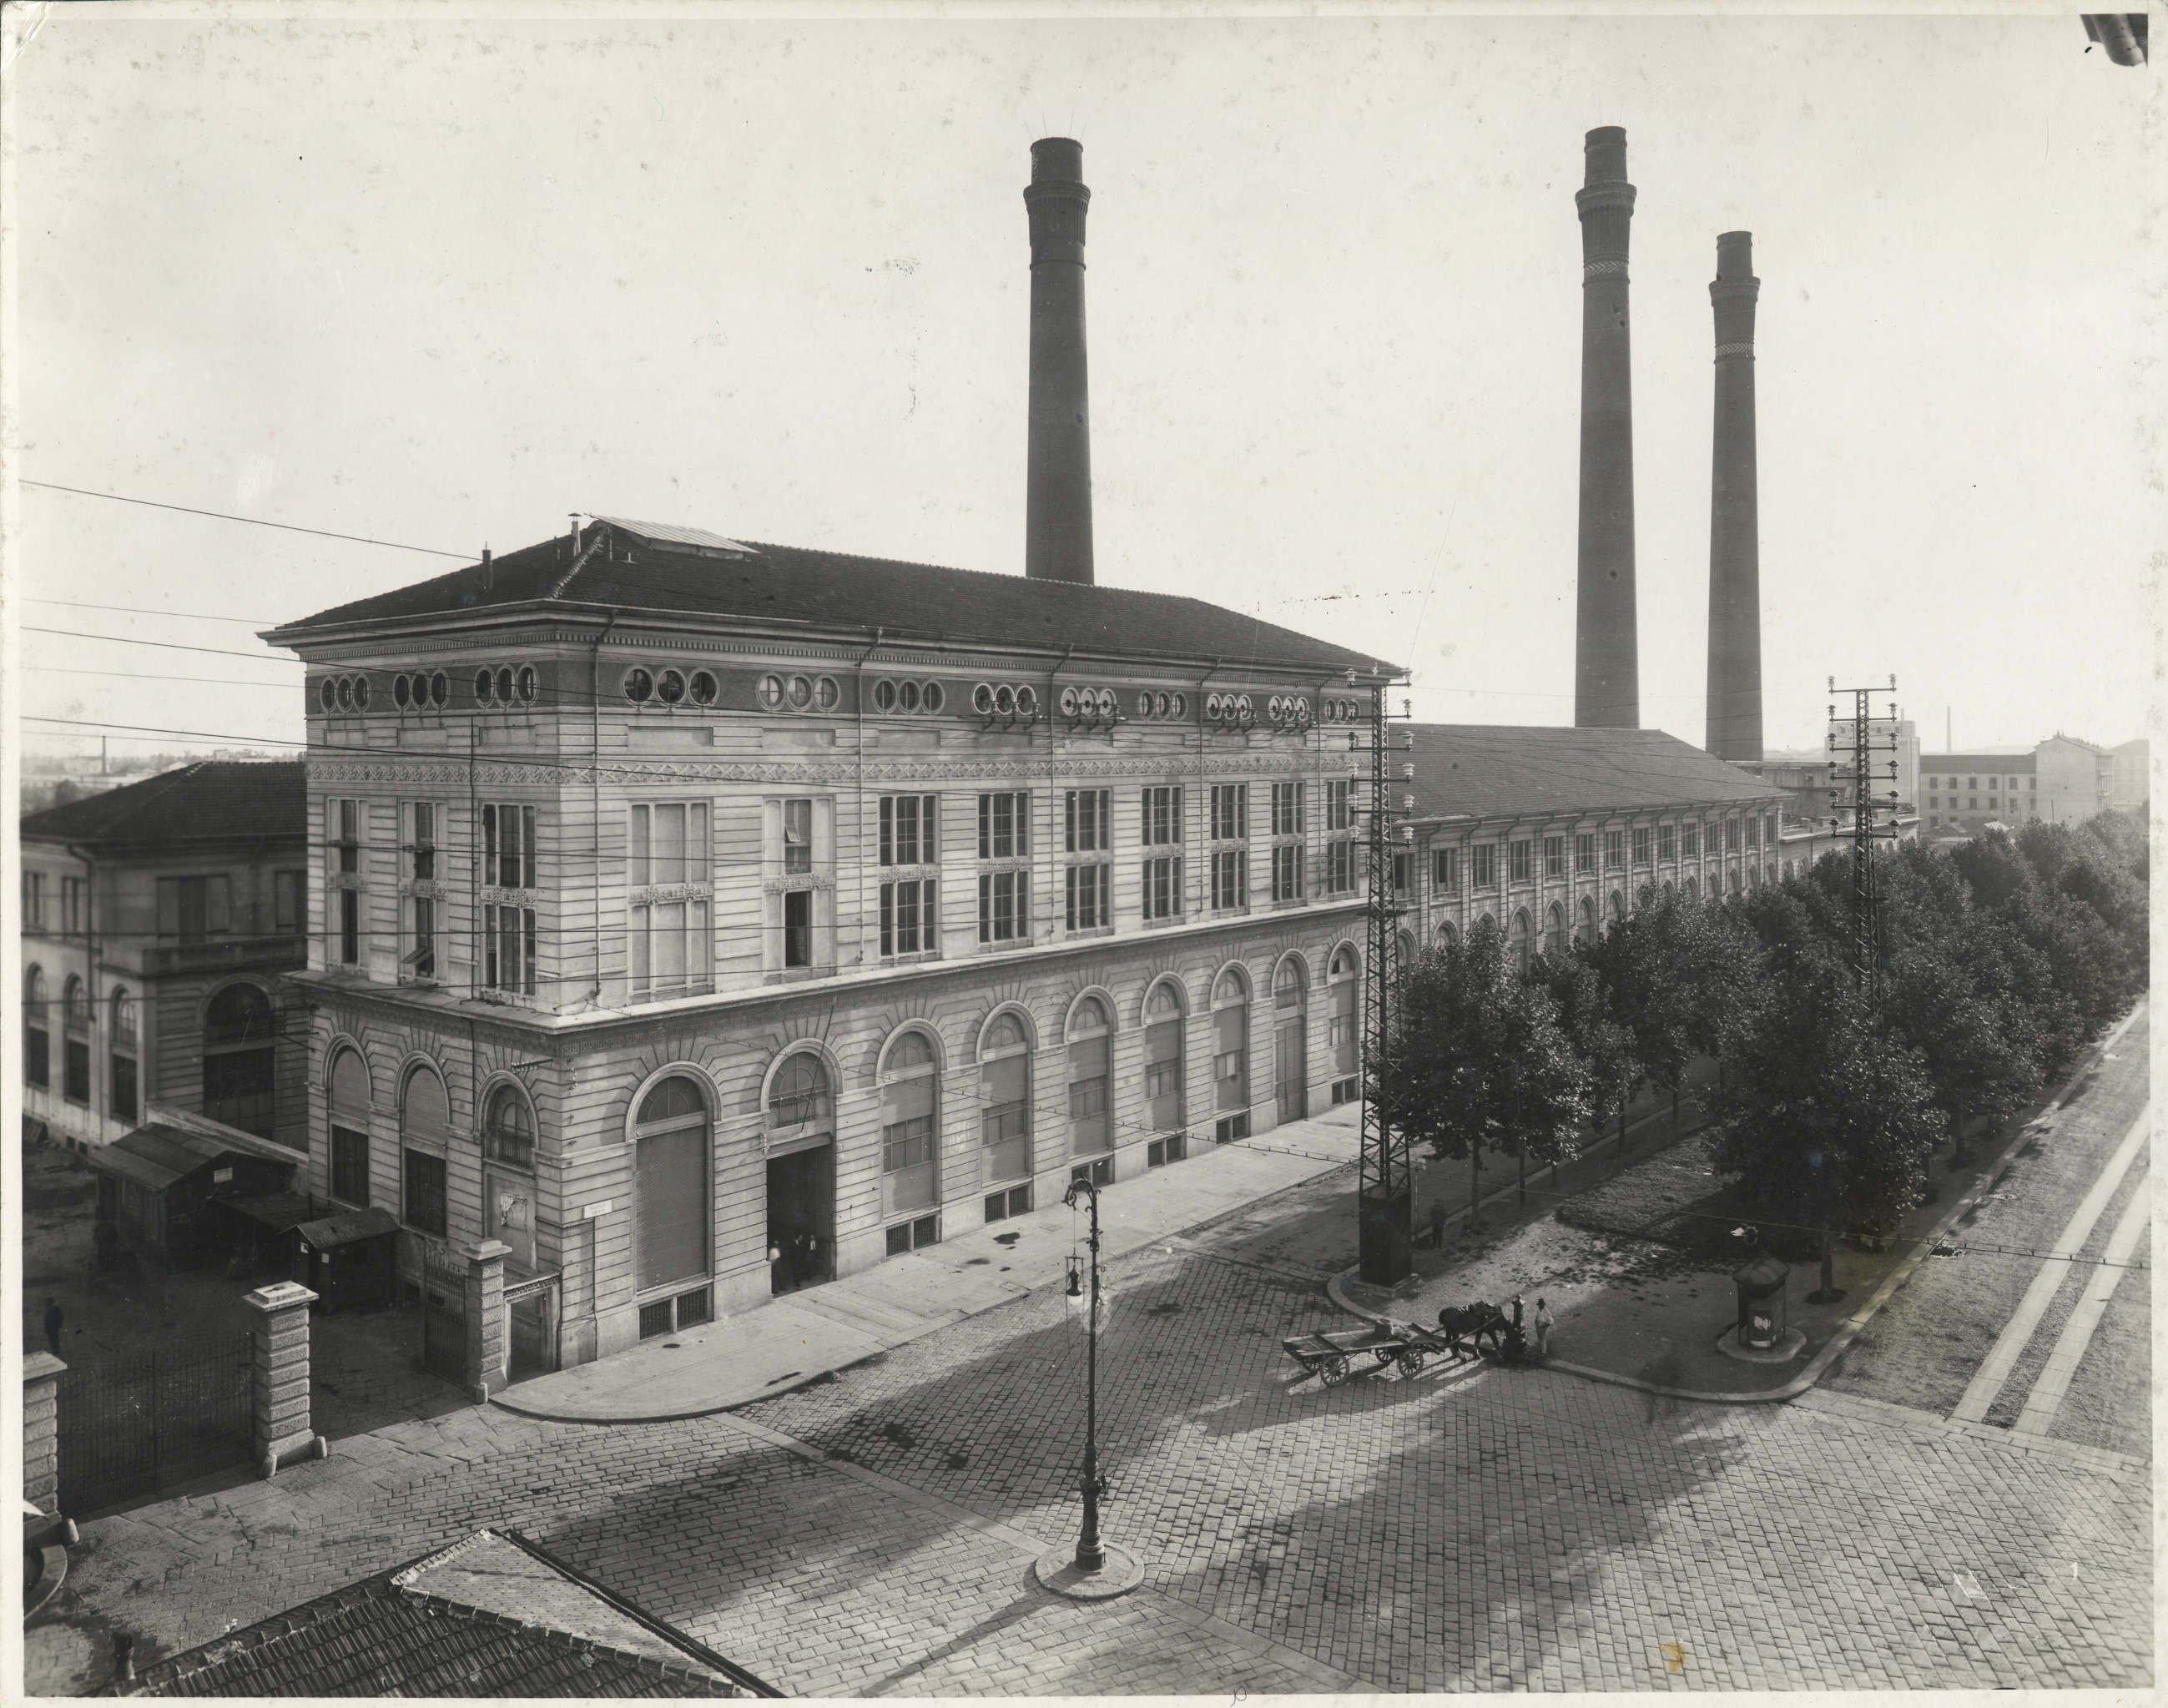 Centrale termoelettrica di piazza trento antonio paoletti anni venti archivio storico - Mobili anni venti ...